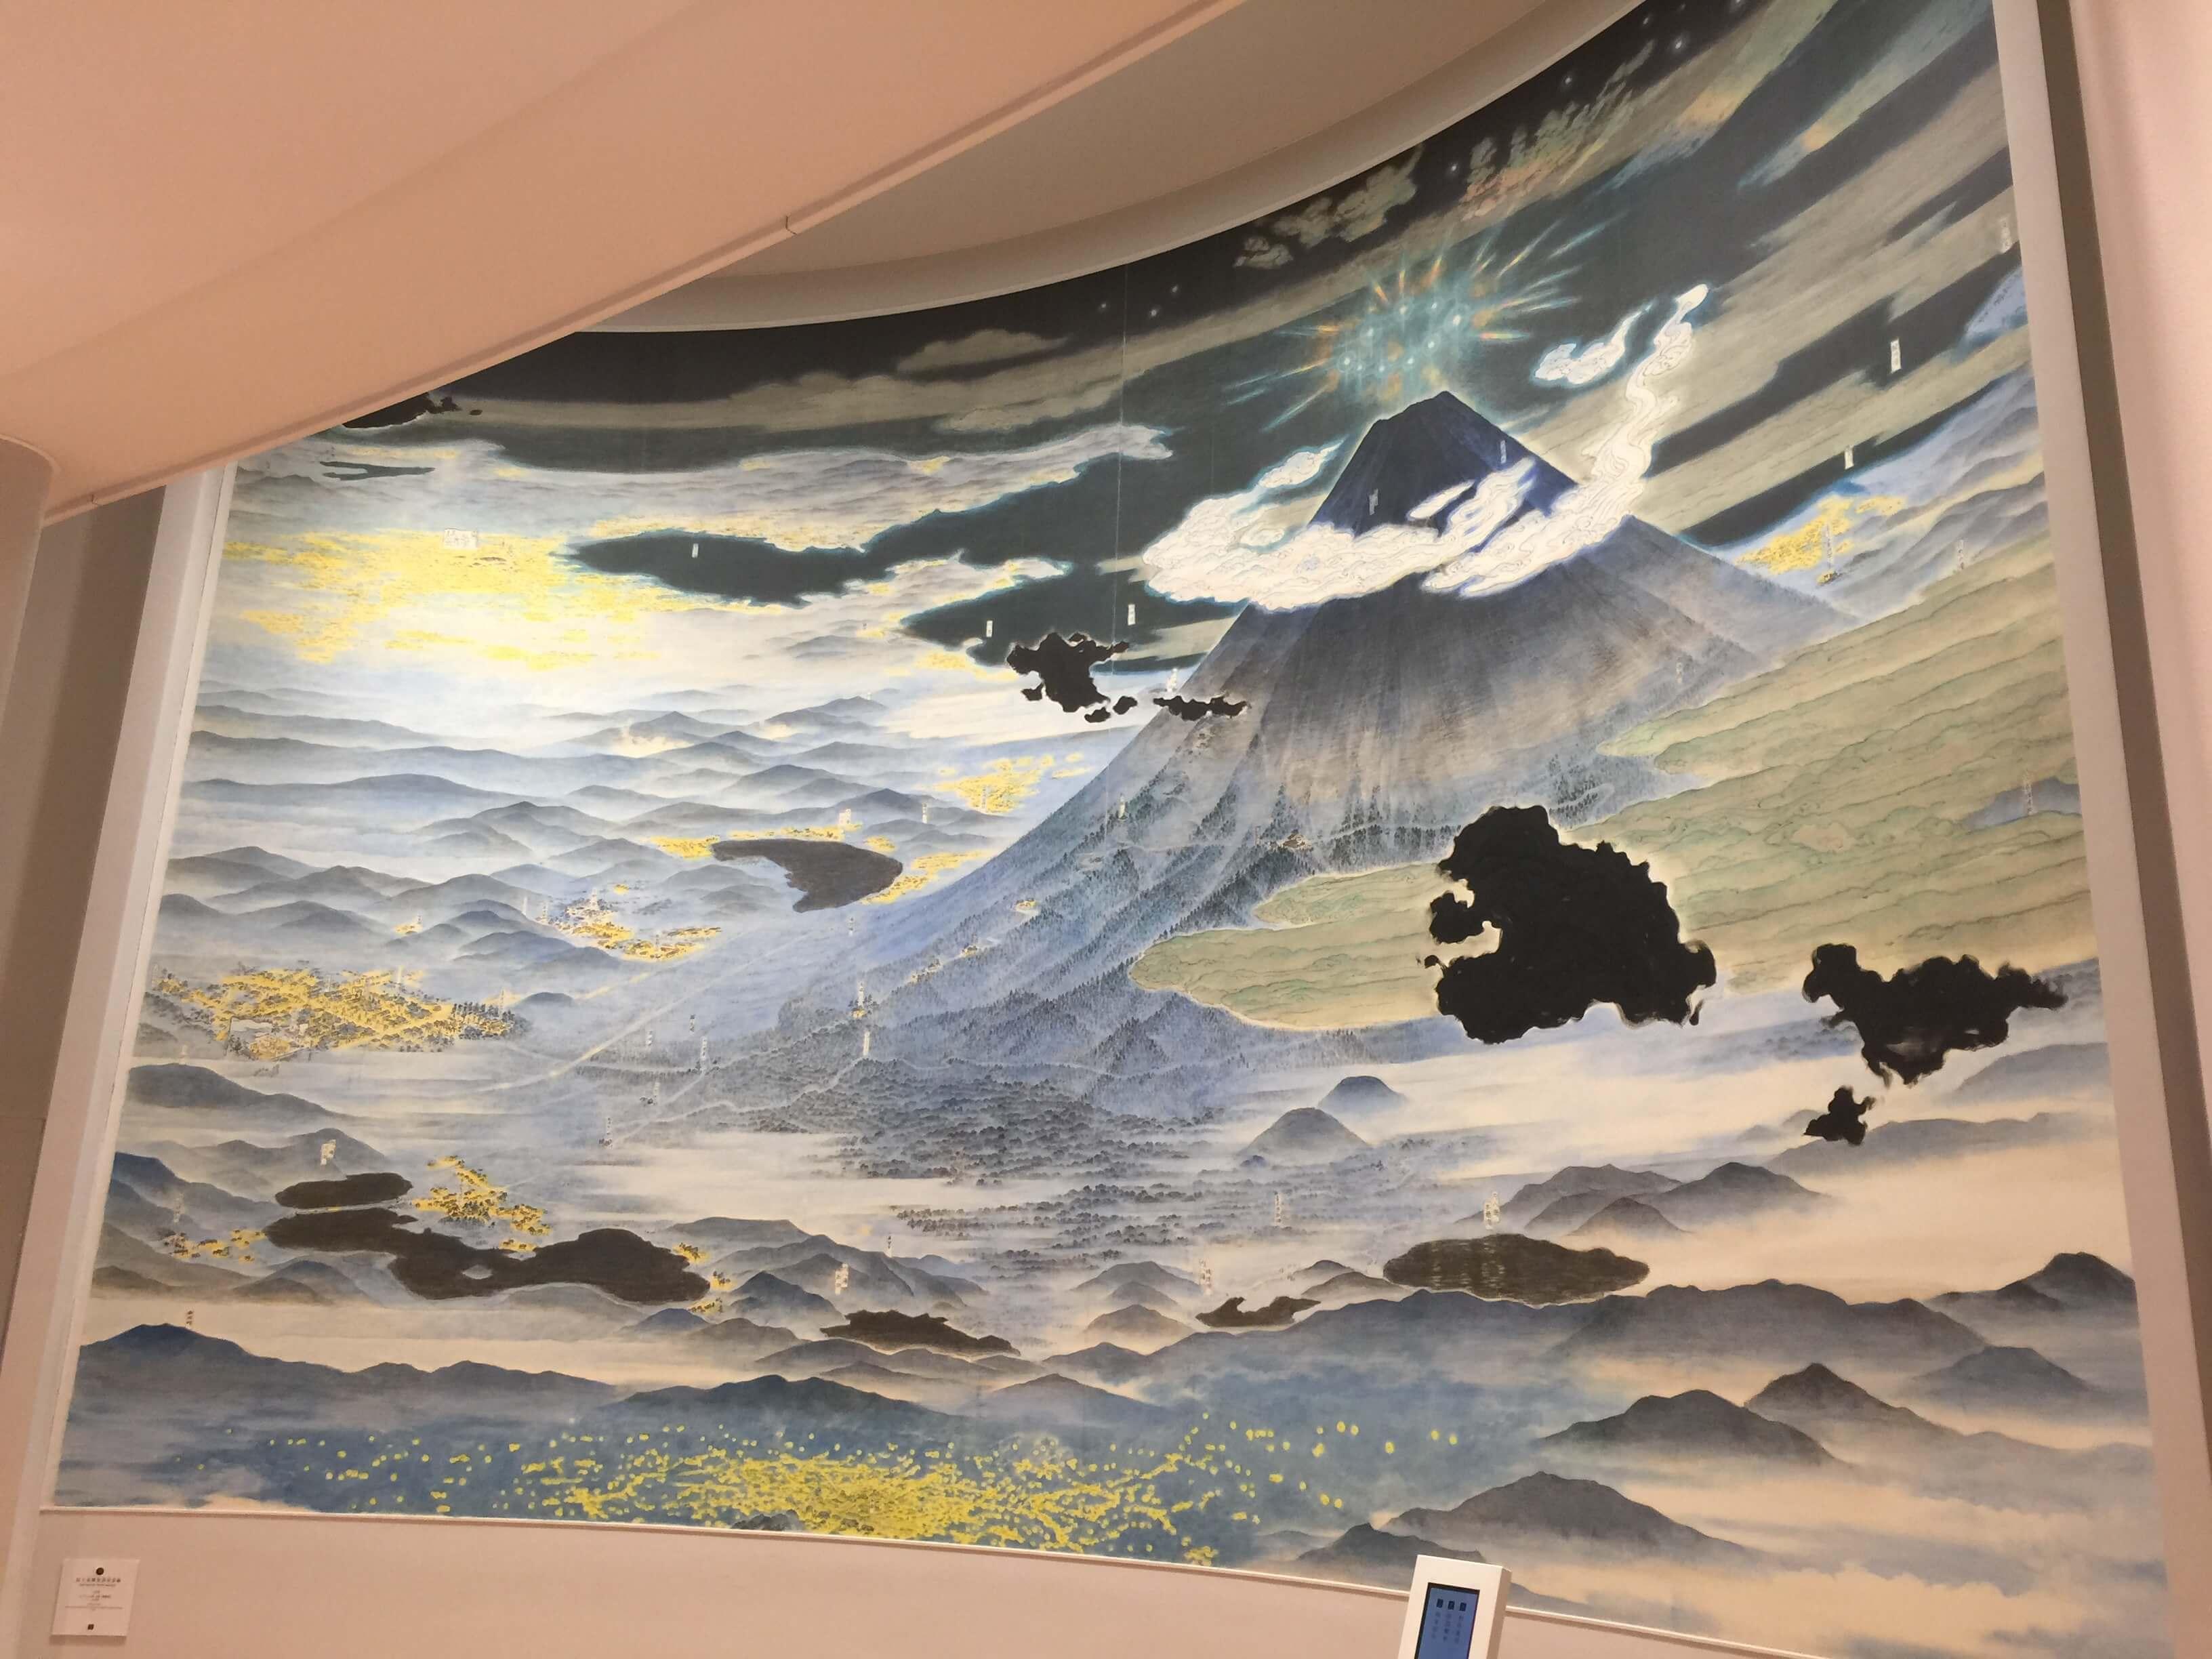 富士山世界遺産センター山梨の魅力